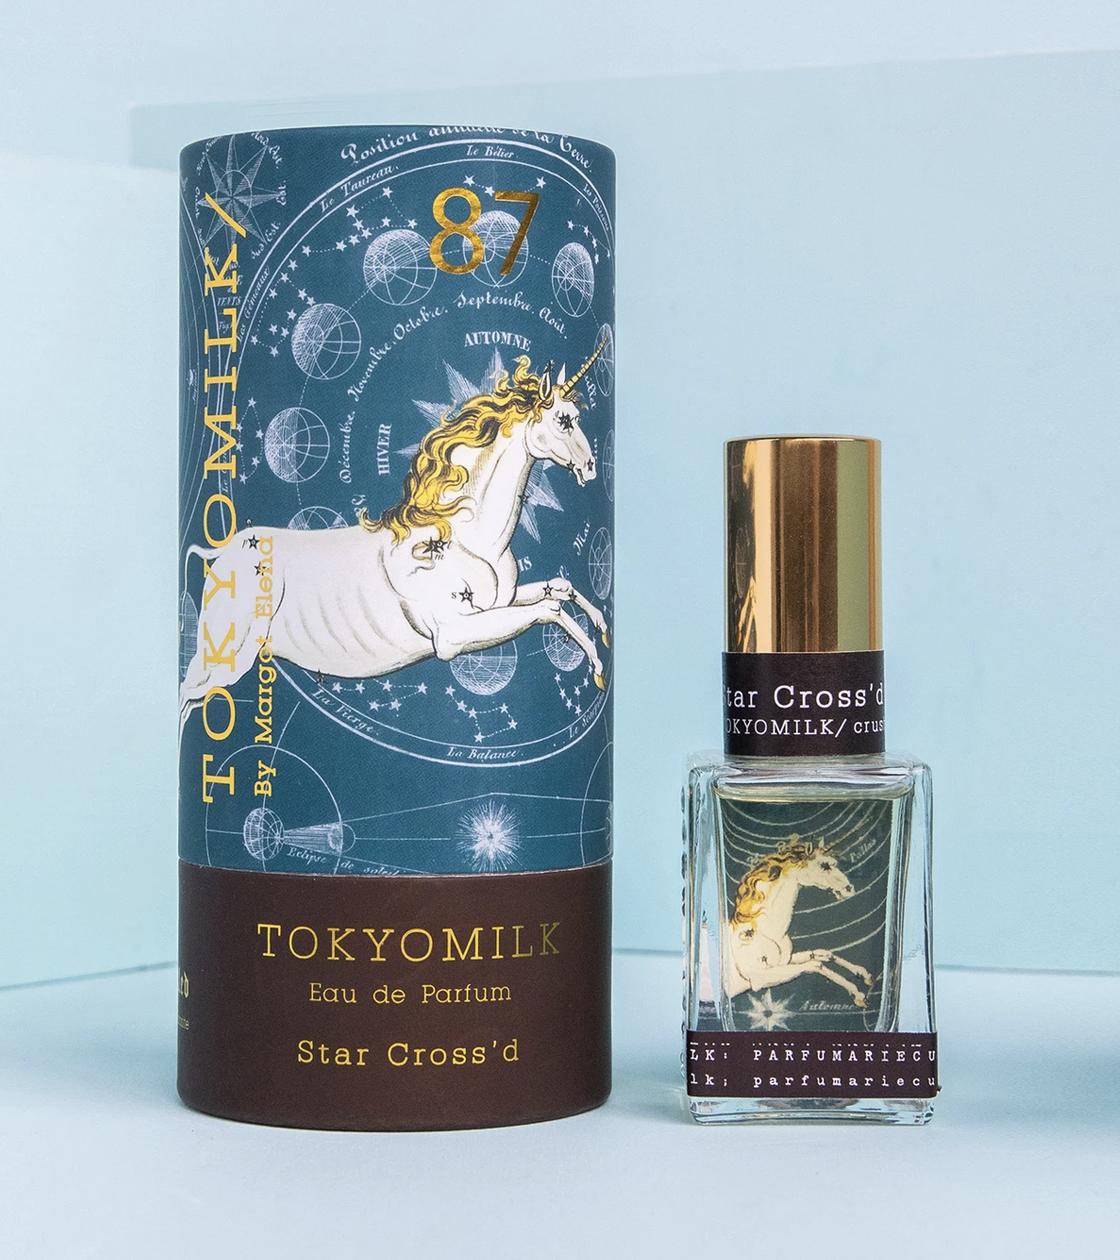 Tokyo Milk Star Cross'd Eau de Parfum